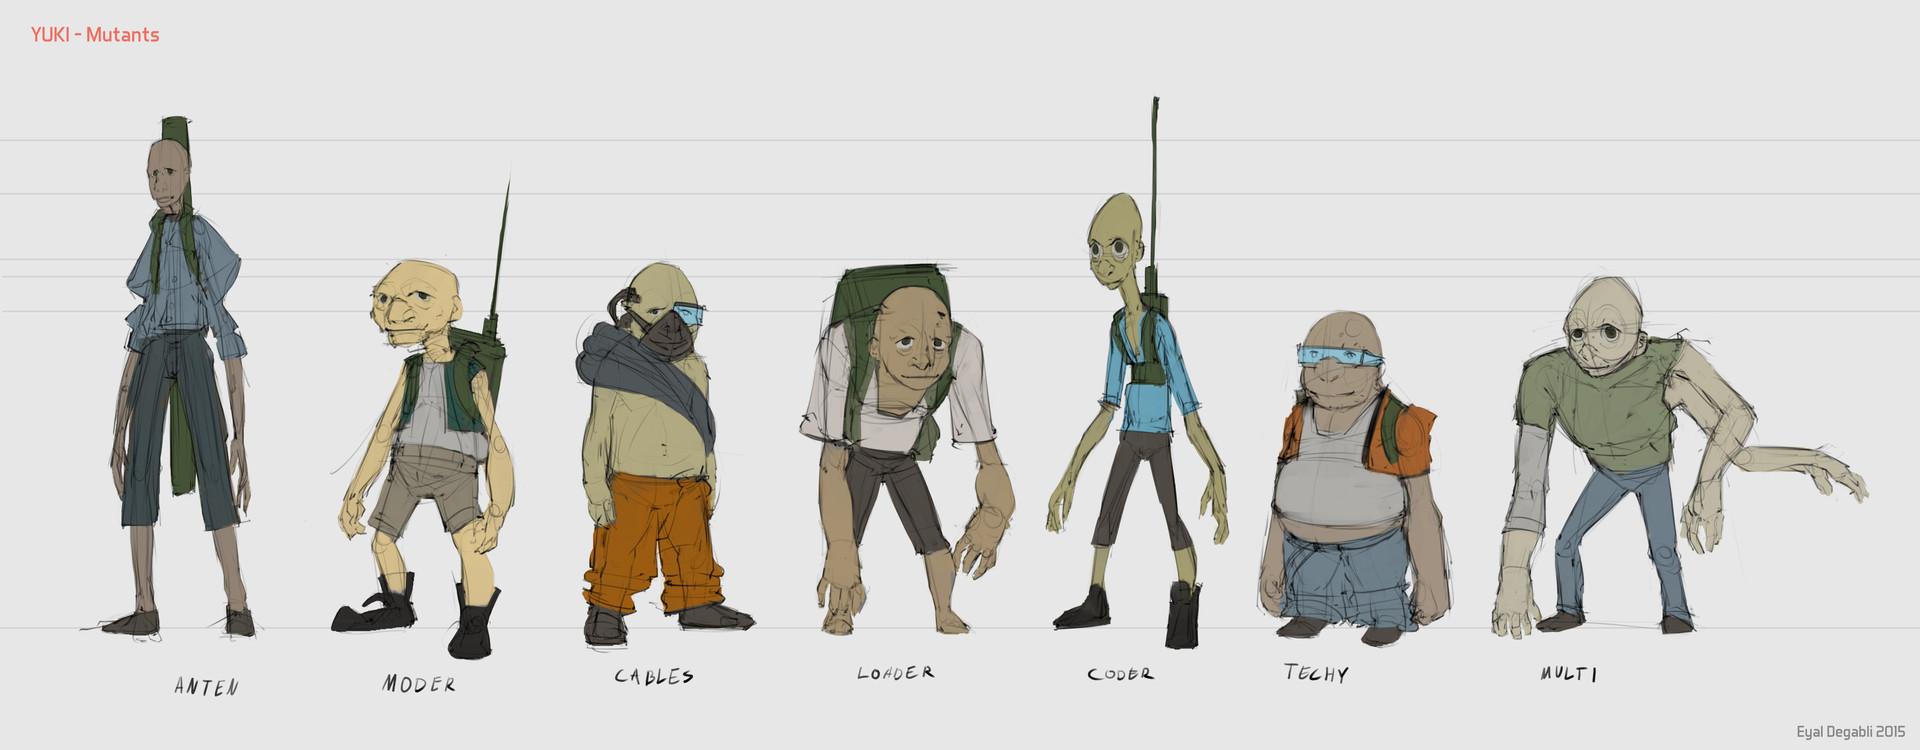 Eyal degabli 06 mutants